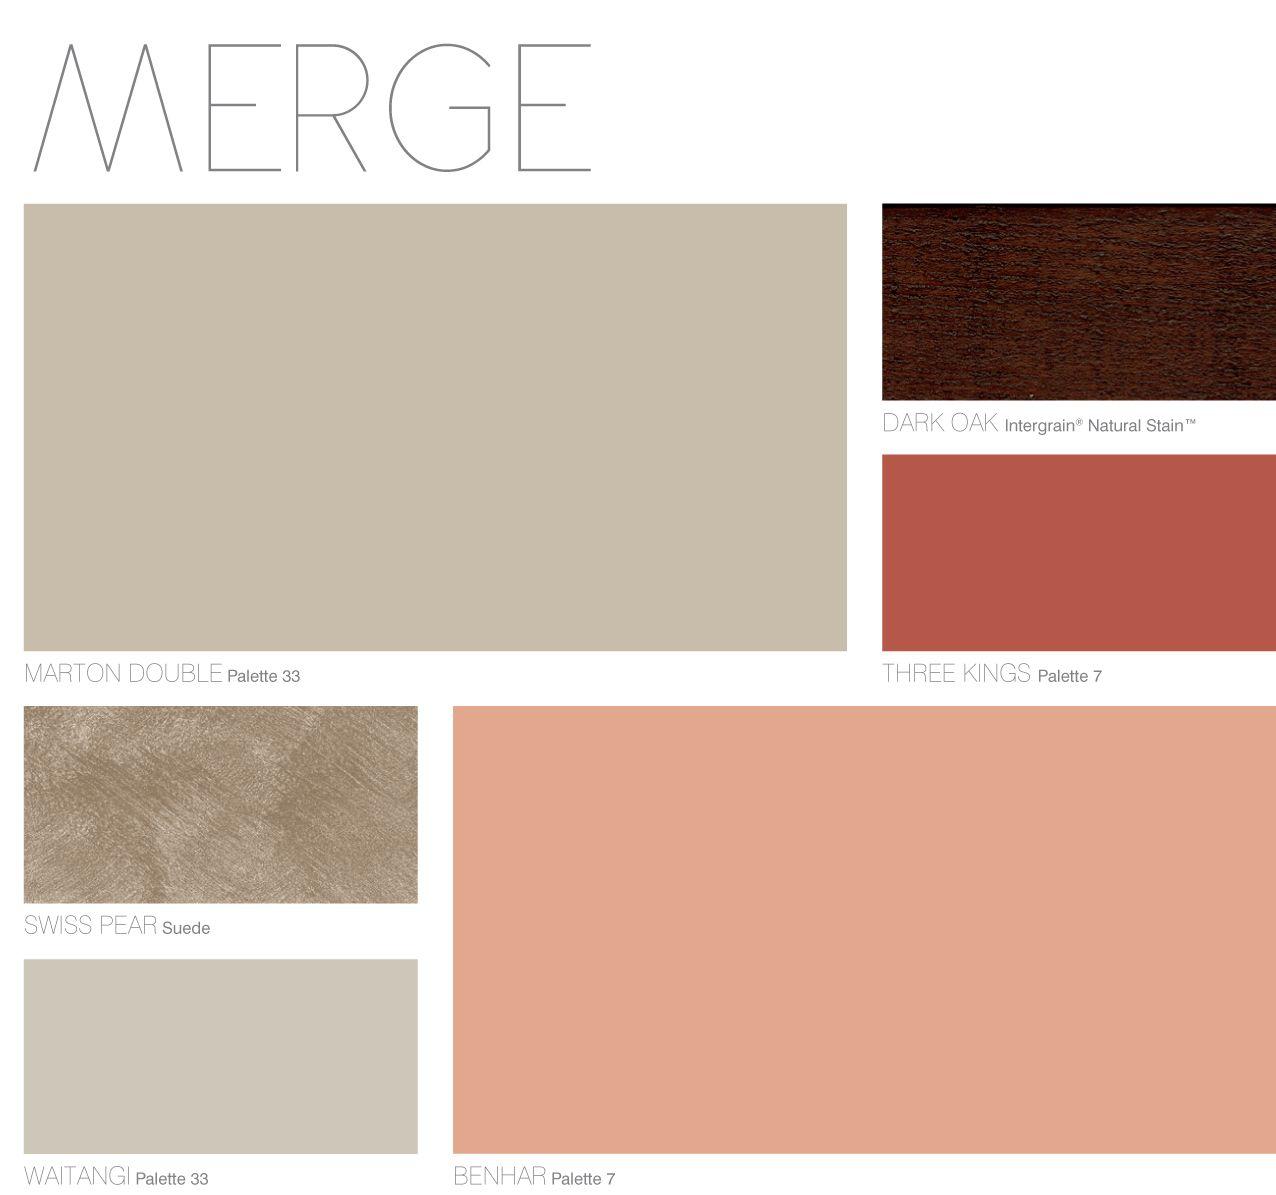 Merge Palette From Dulux Colour Forecast 2013 Dulux Colour Forecast 2013 Pinterest